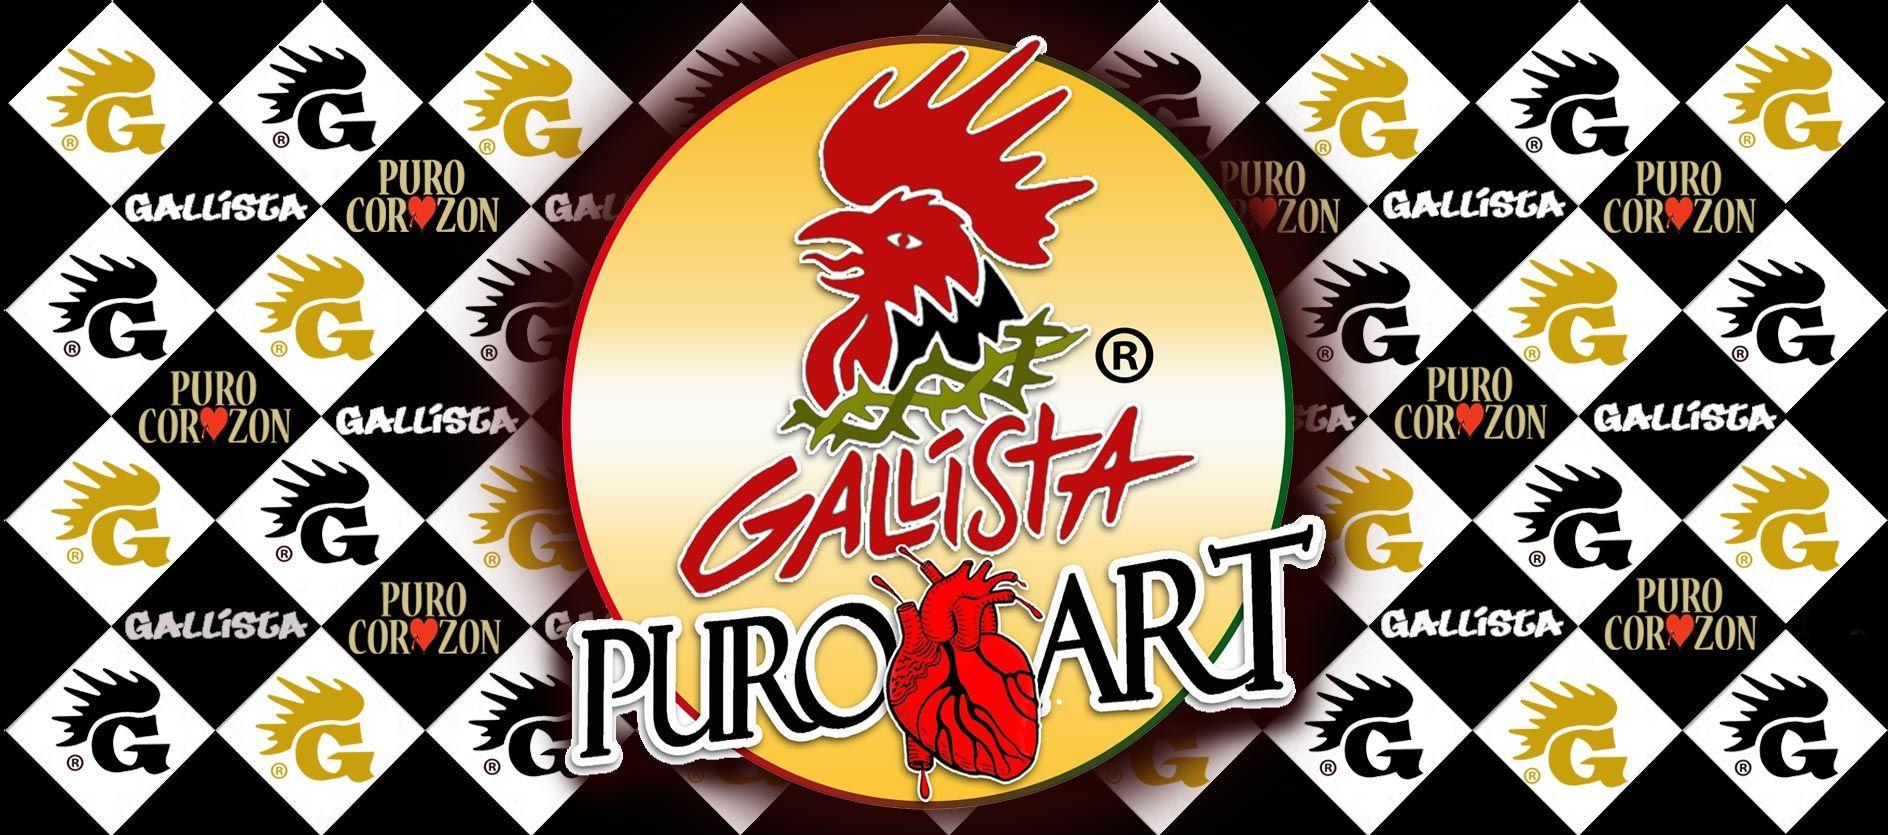 Gallista/Joe Lopez Artist